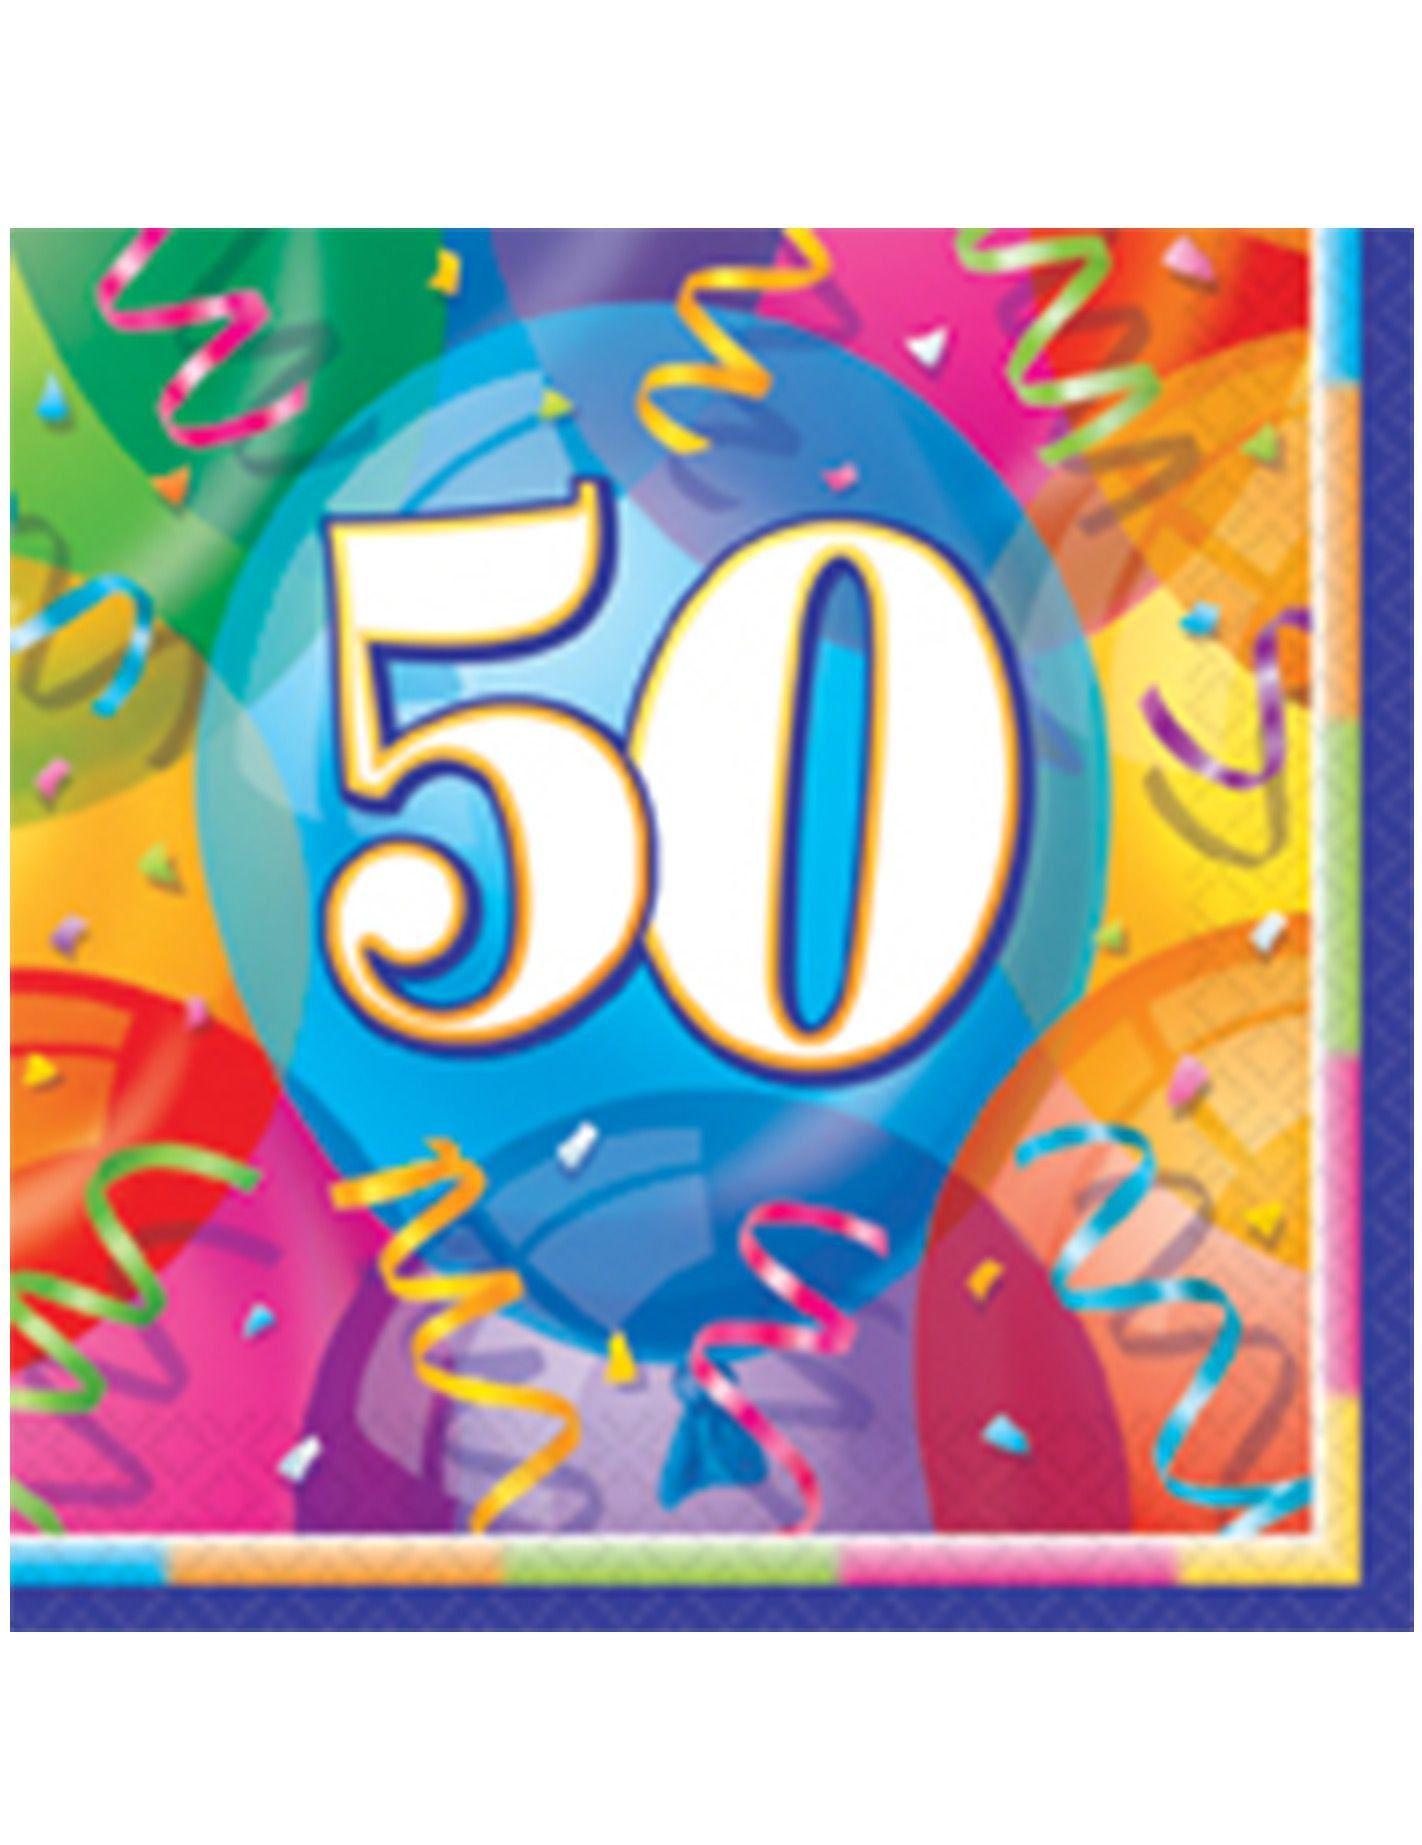 Carte D Anniversaire Gratuite A Imprimer 50 Ans Elegant Carte Anniversaire Homme 50 Ans Gr Carte Anniversaire 50 Ans Carte Anniversaire Idee Carte Anniversaire